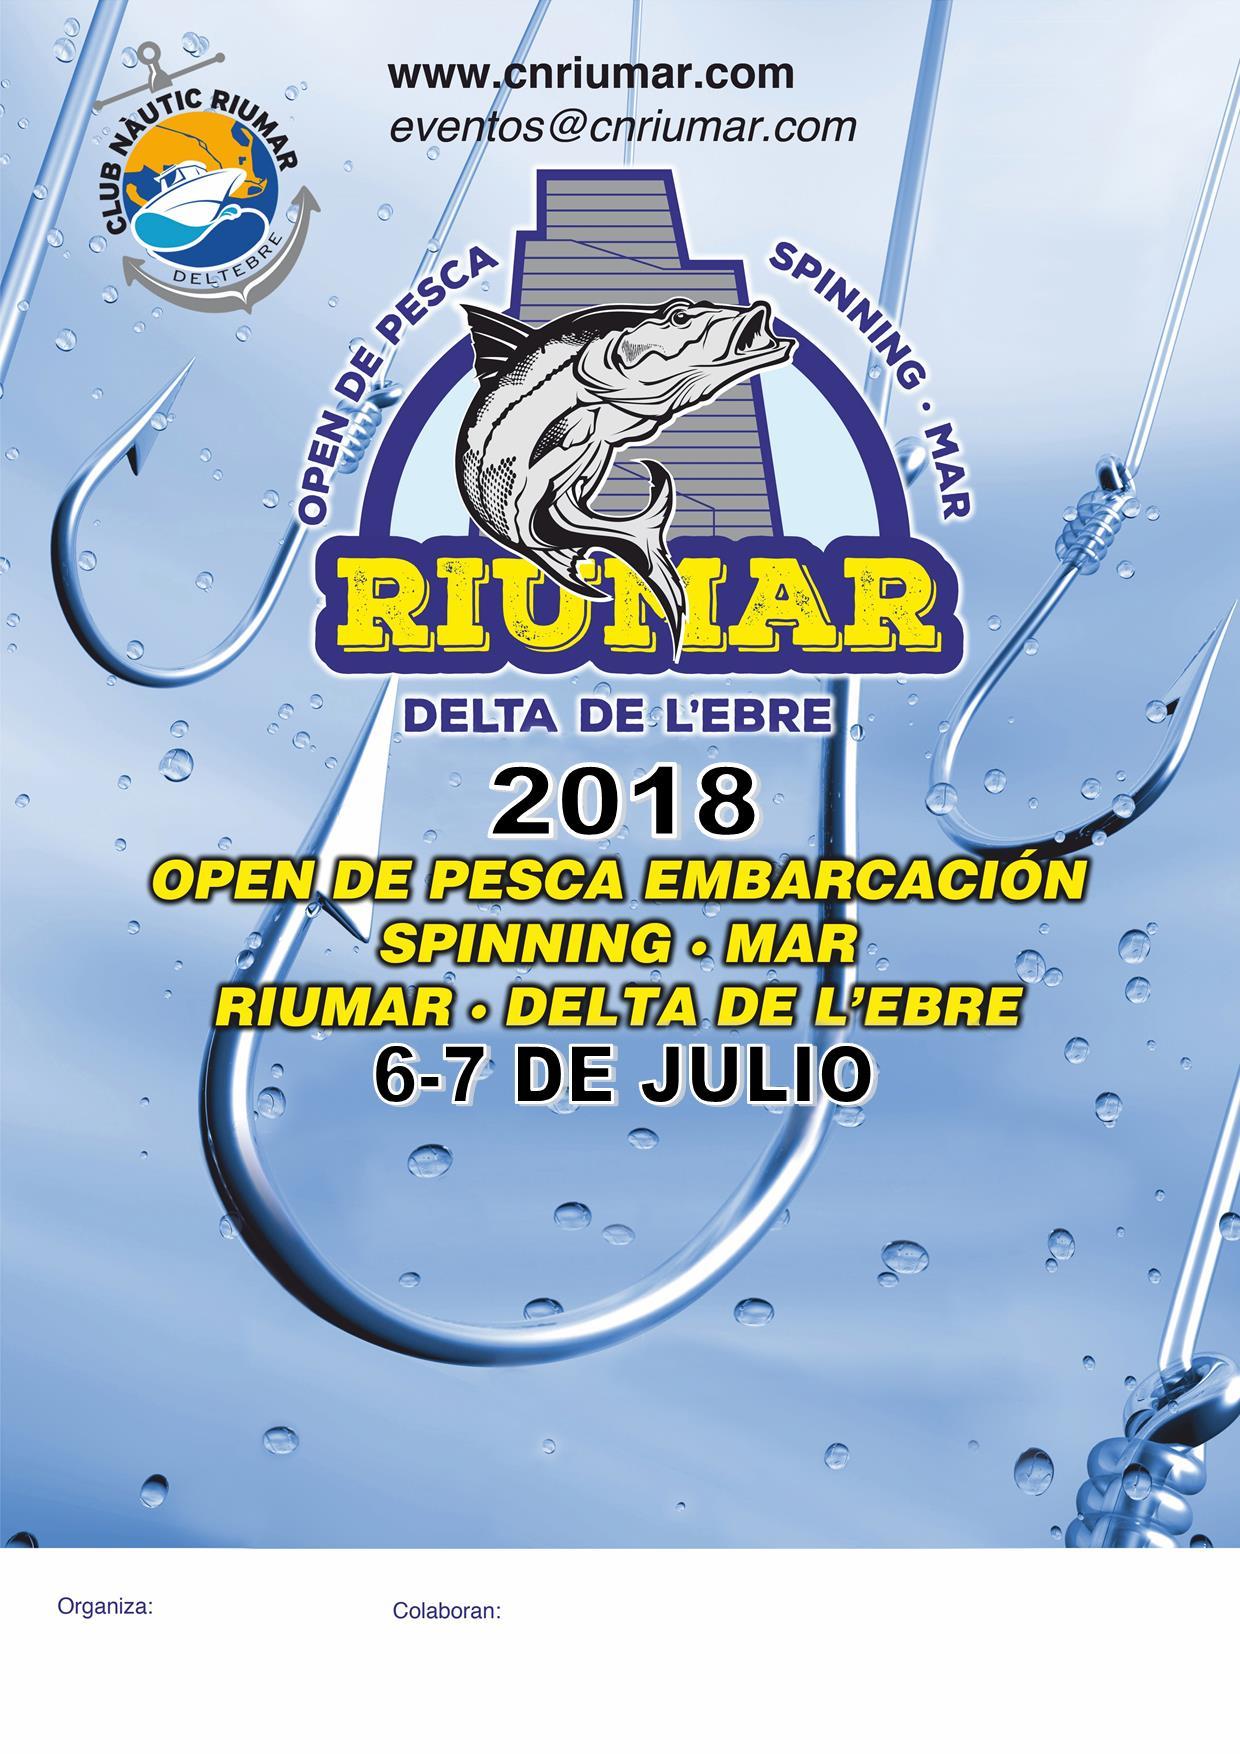 Open Pesca 2018